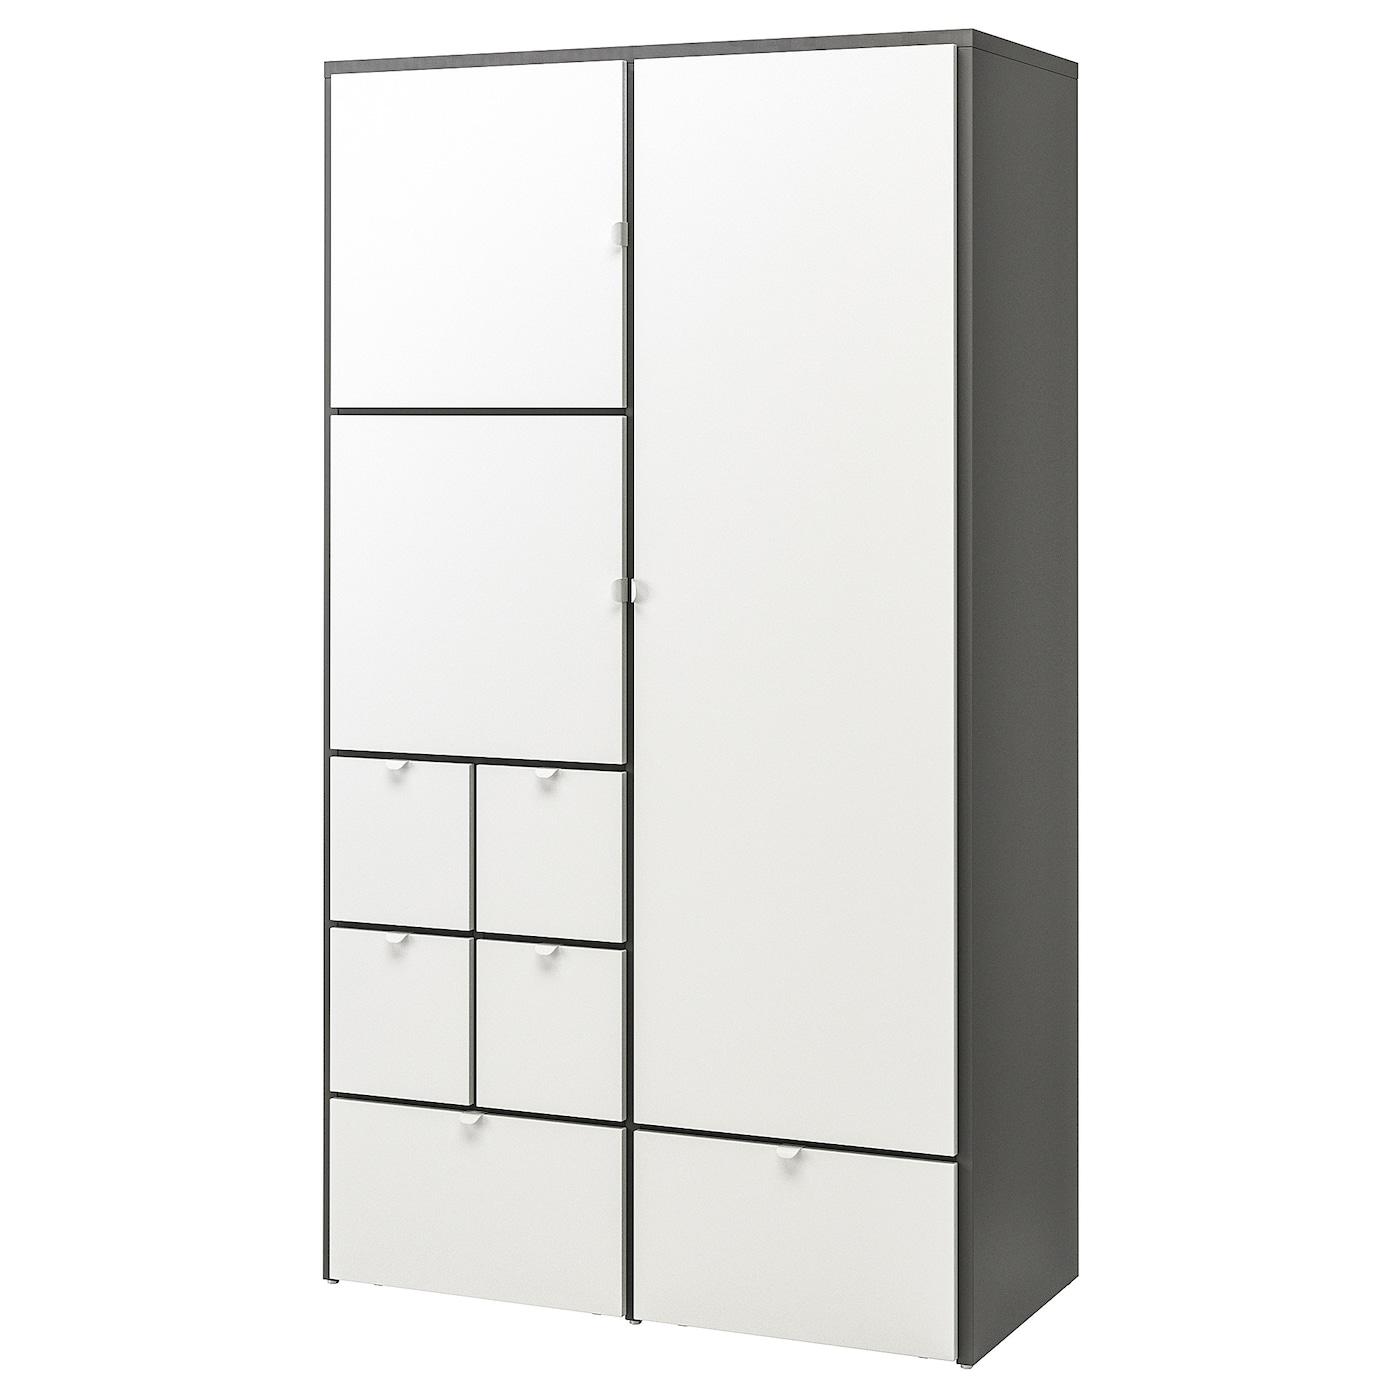 Visthus Armoire Penderie Gris Blanc 122x59x216 Cm Ikea